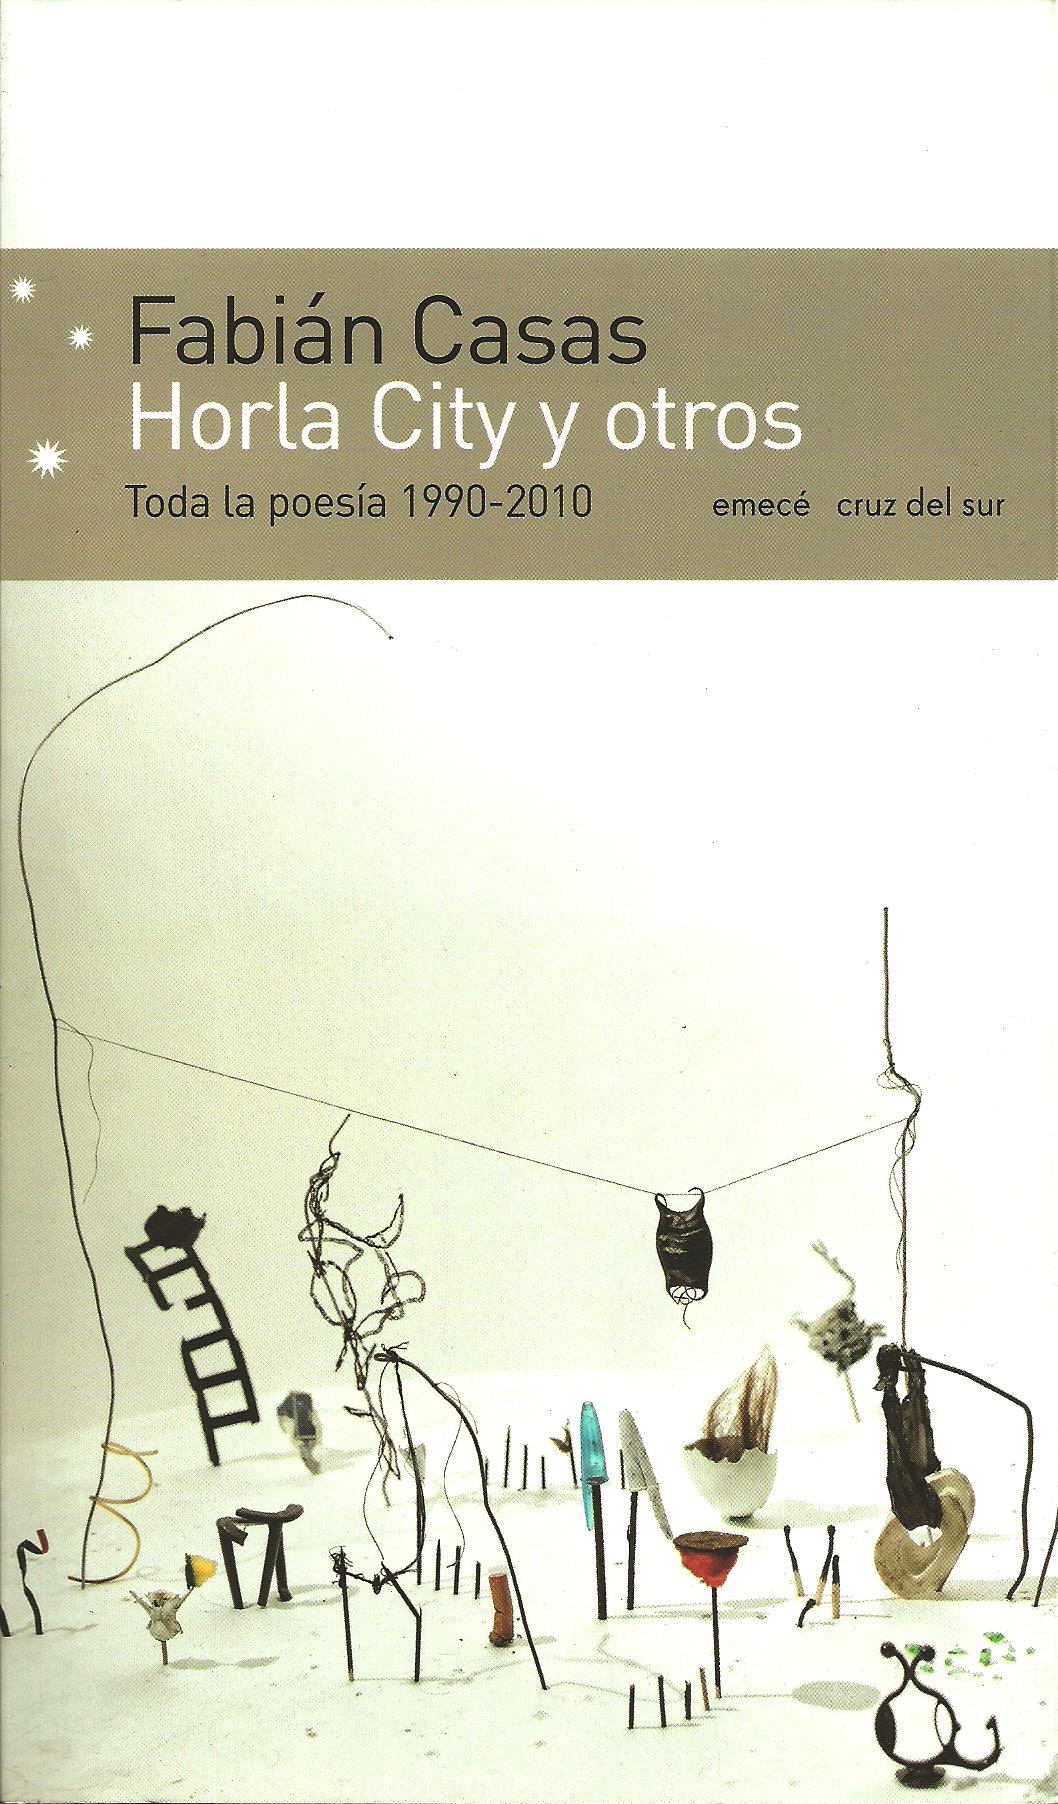 Horla City y otros (toda la poesía, 1990-2010), Fabián Casas, Emecé, $72.-